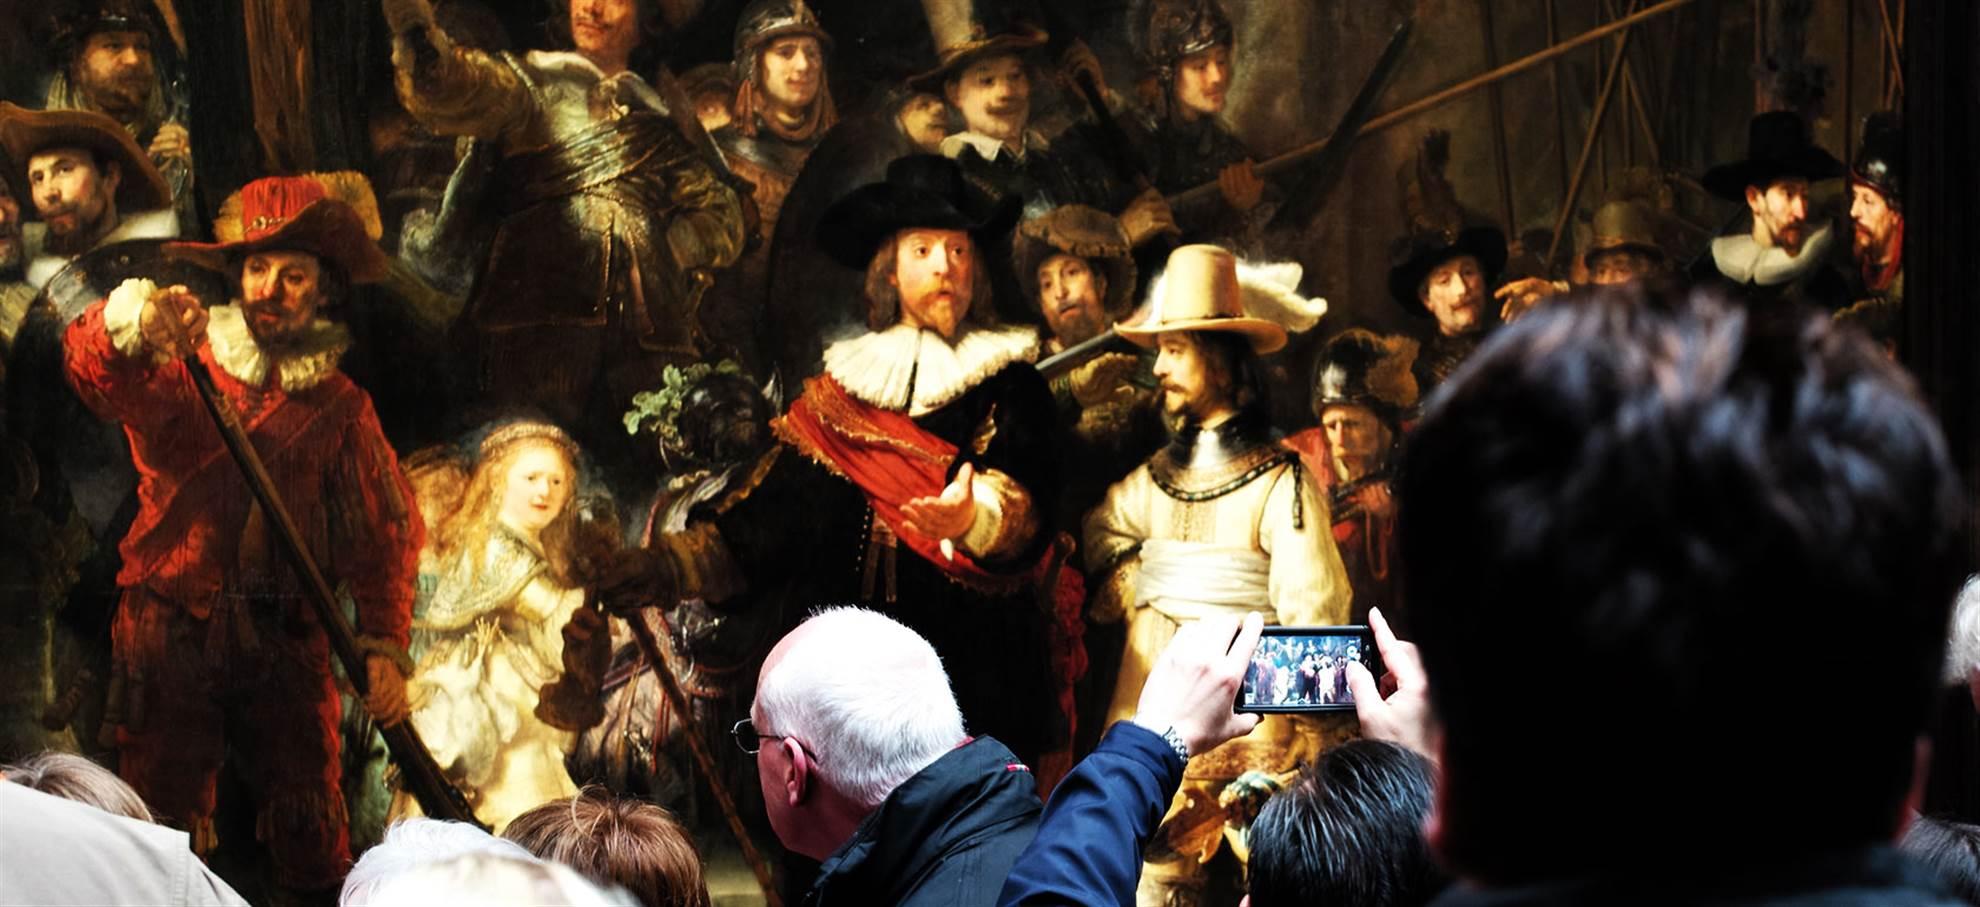 Lo mejor del Rijksmuseum y Museo van Gogh